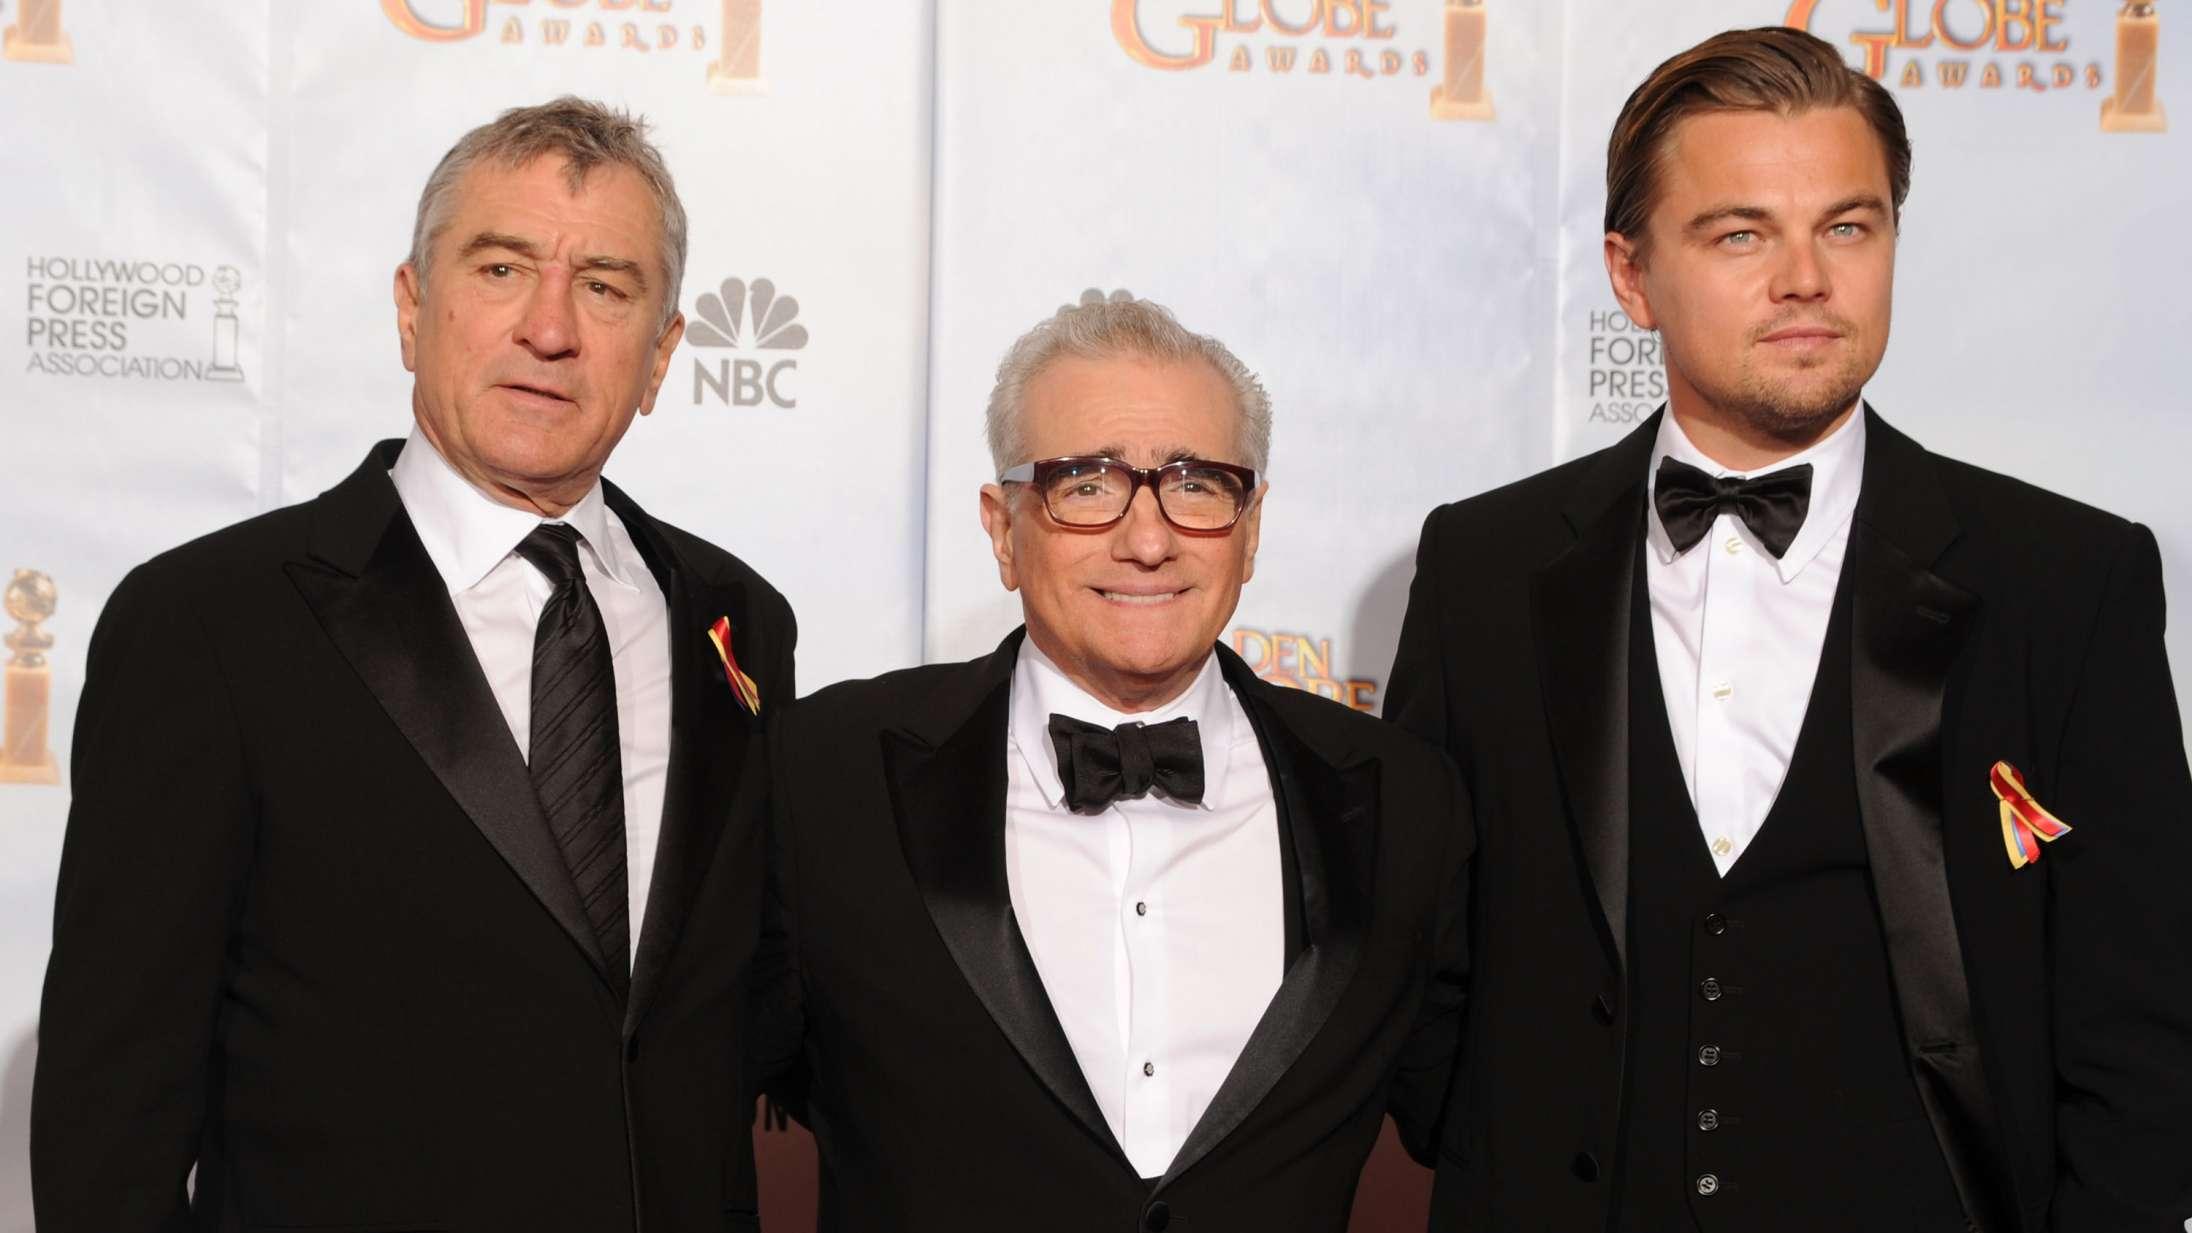 Apple redder Martin Scorseses svinedyre krimifilm med Leonardo DiCaprio og Robert De Niro